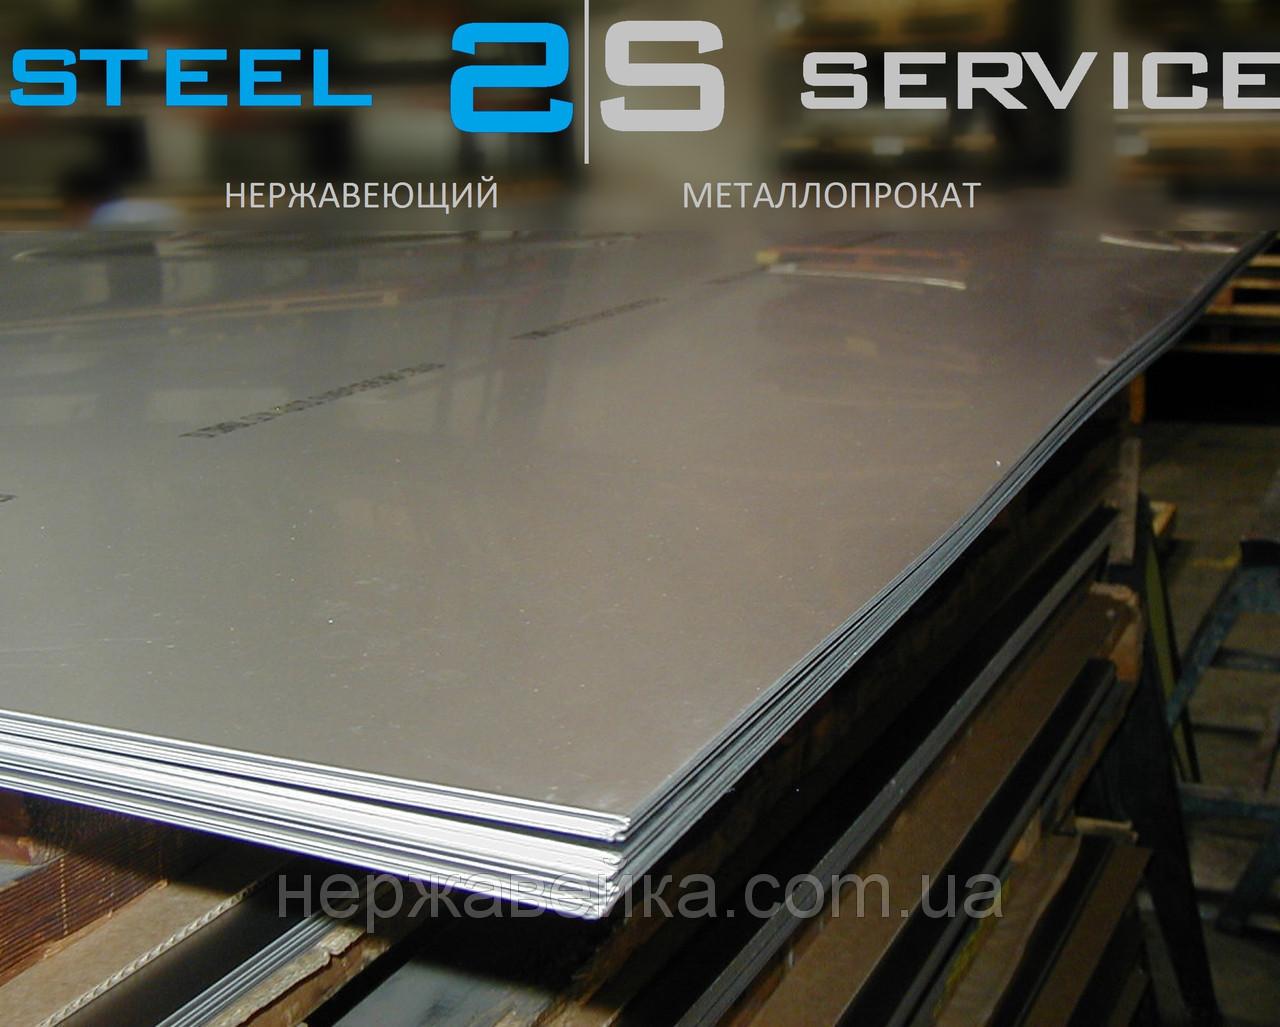 Нержавейка лист 1х1250х2500мм  AISI 316Ti(10Х17Н13М2Т) 4N - шлифованный,  кислотостойкий